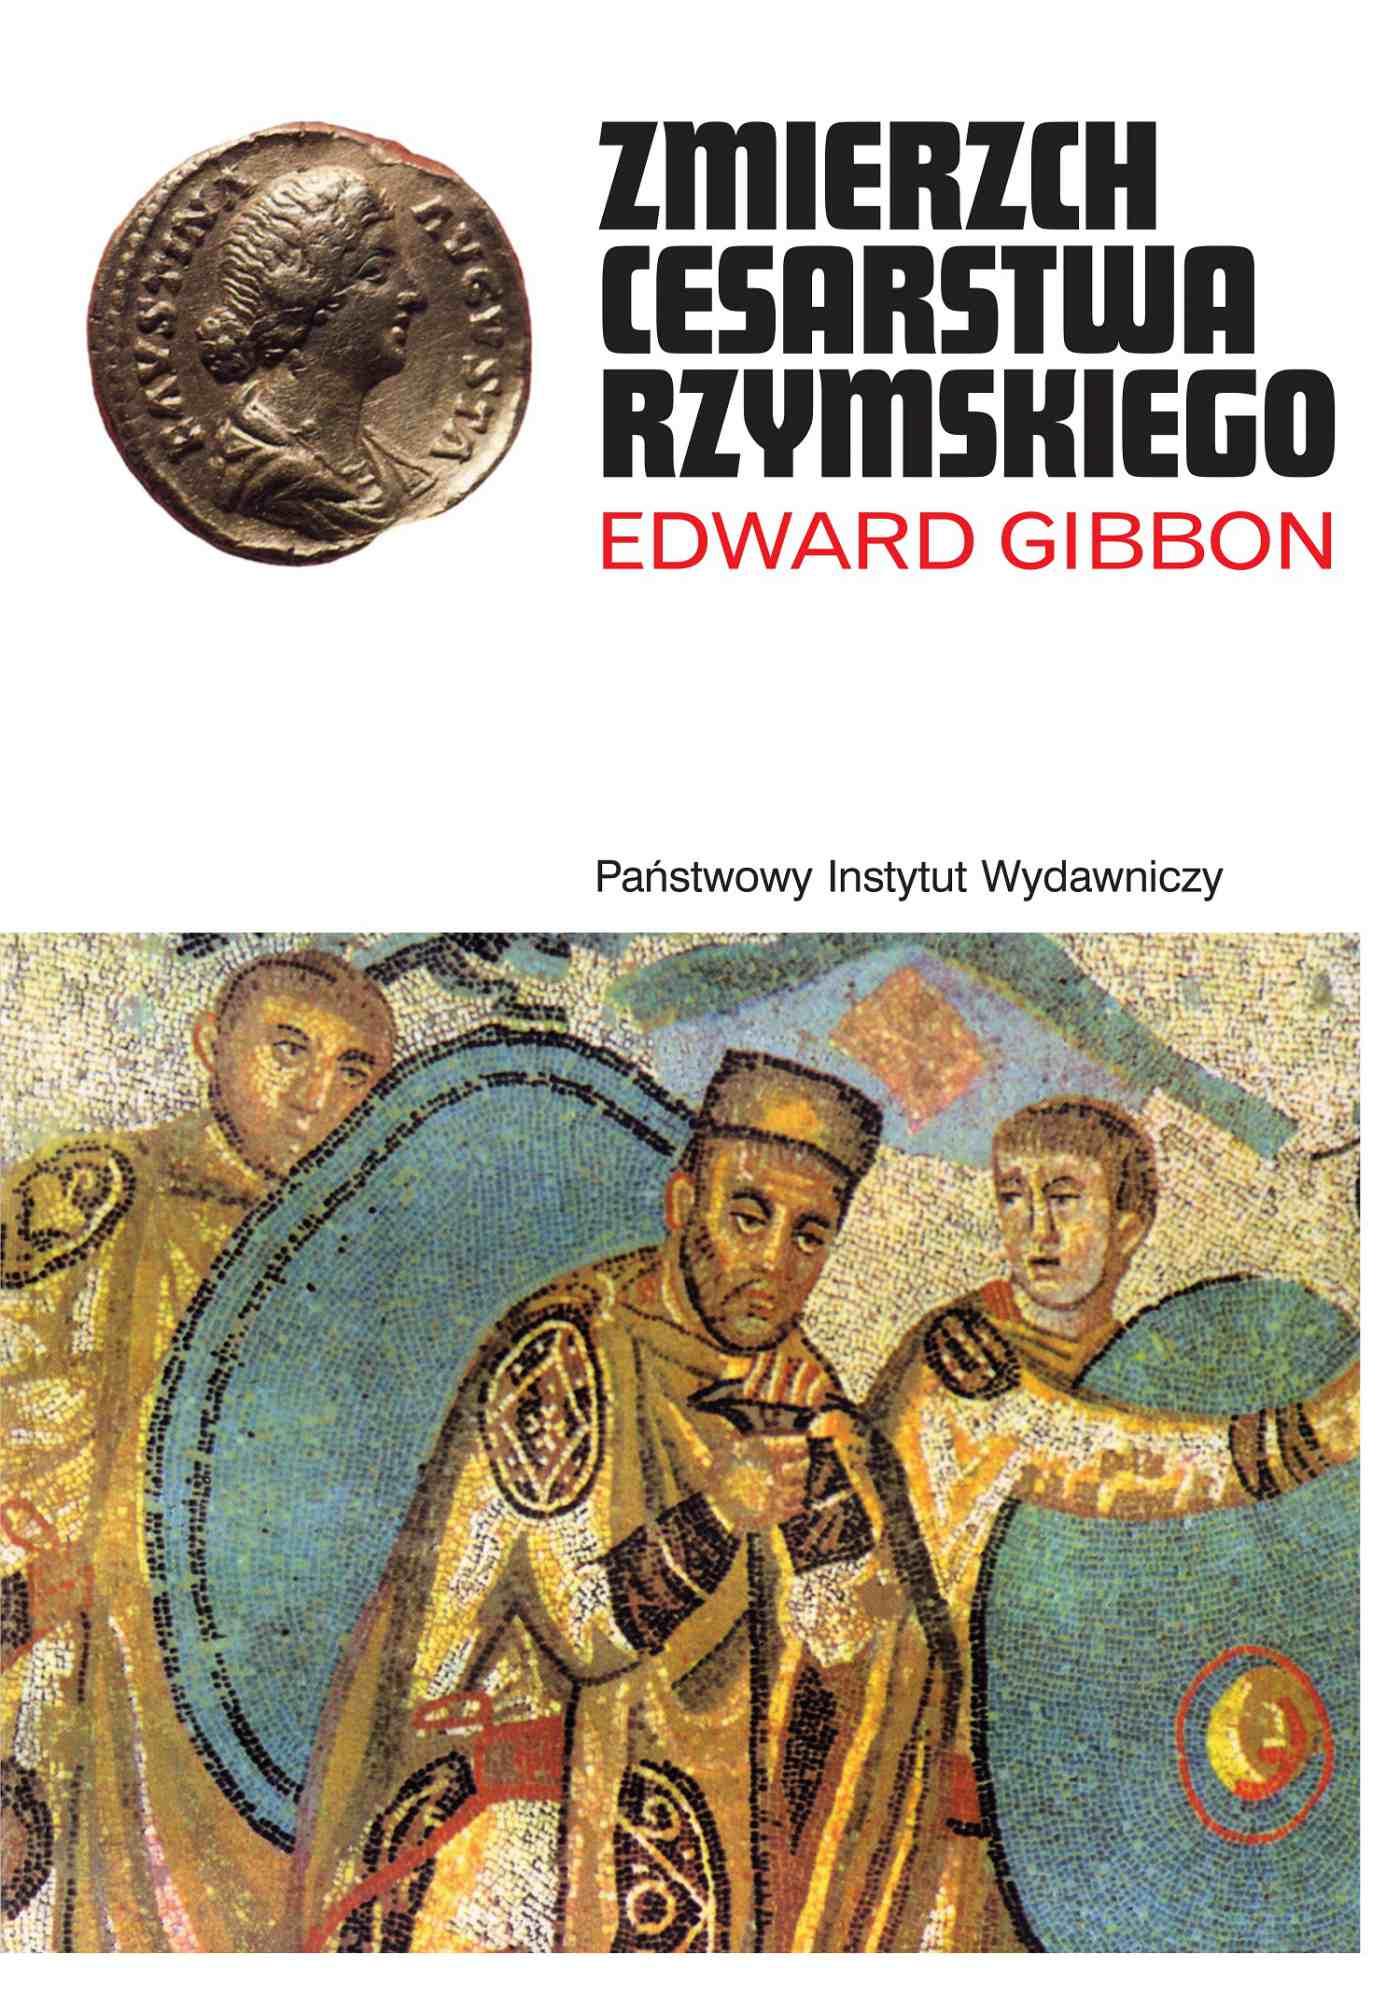 Zmierzch cesarstwa rzymskiego Tom II - Ebook (Książka EPUB) do pobrania w formacie EPUB